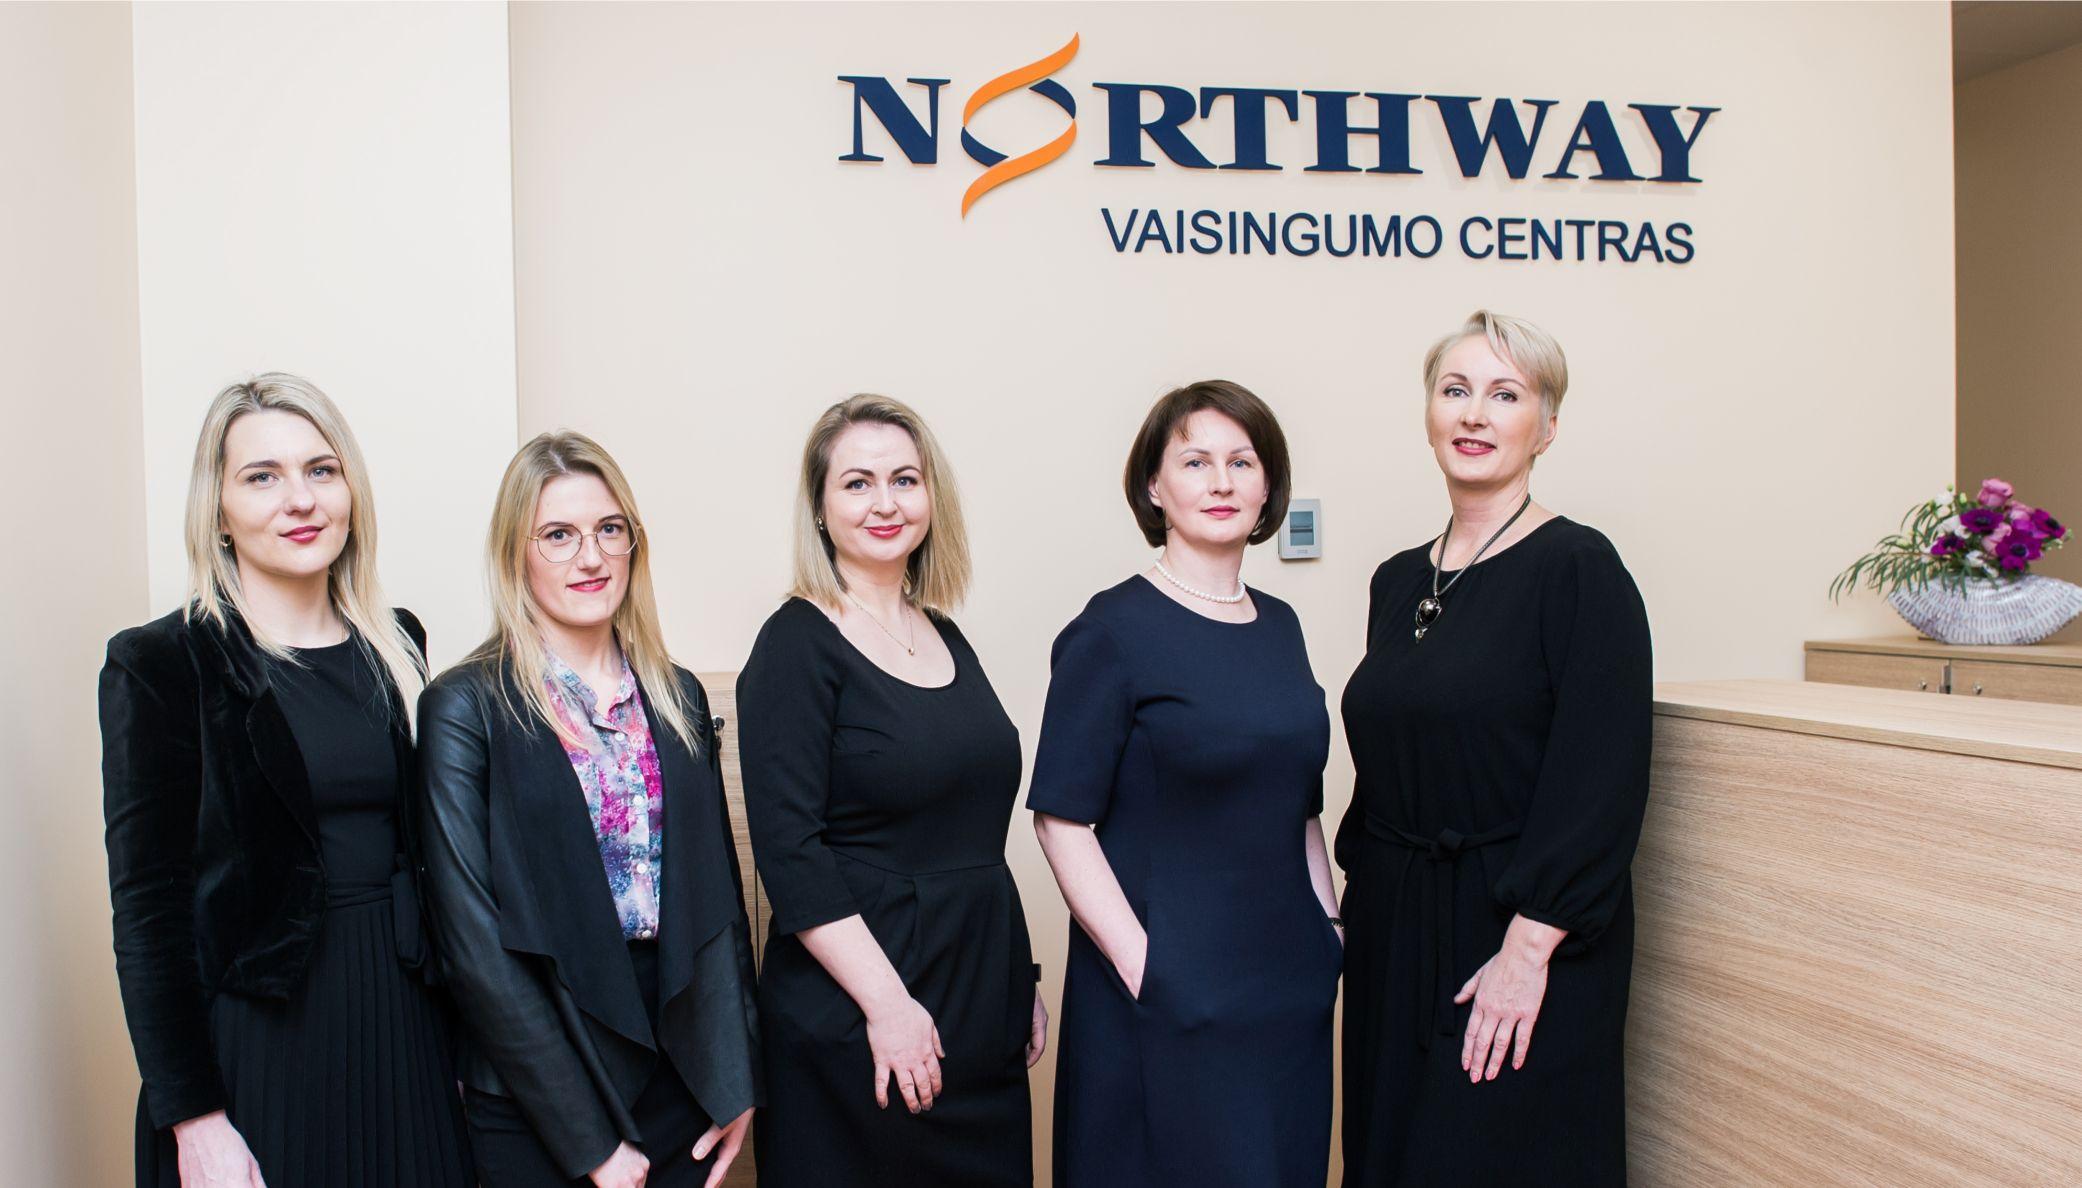 Northway vaisingumo centras Klaipėdoje